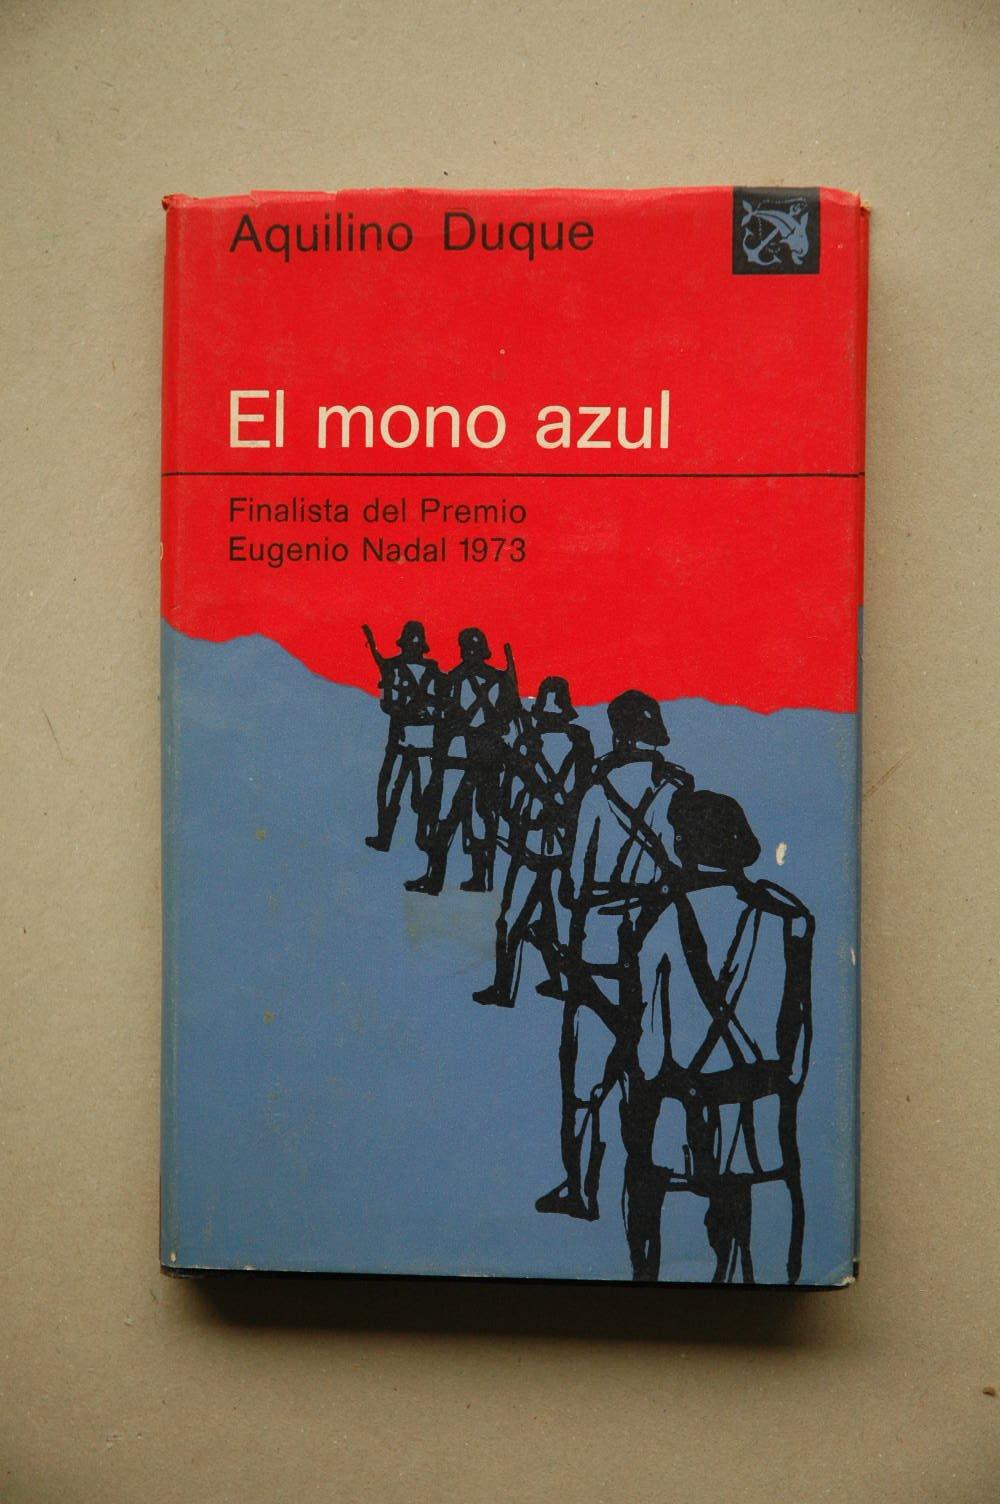 el-mono-azulaquilino-duque.jpg